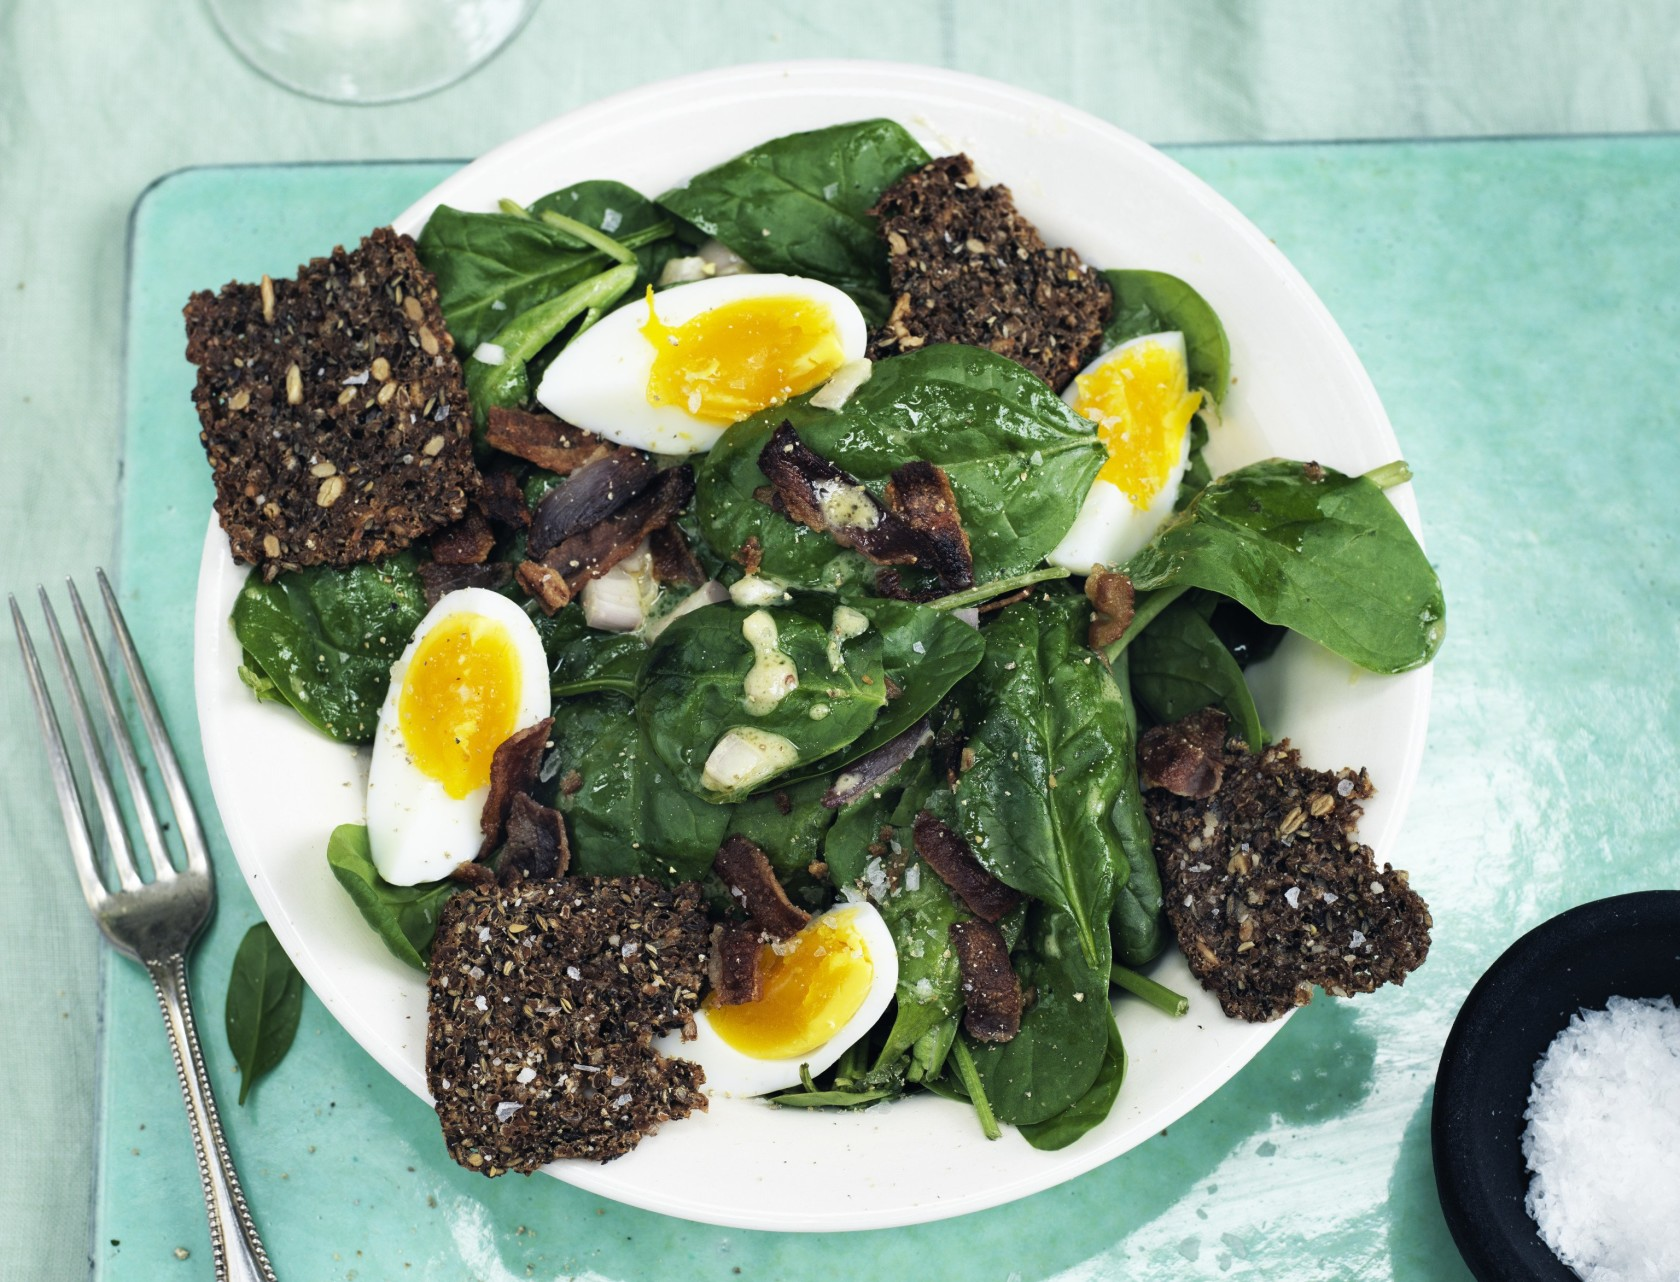 Spinatsalat med æg, bacon og rugbrødschips - god opskrift på måltidssalat.